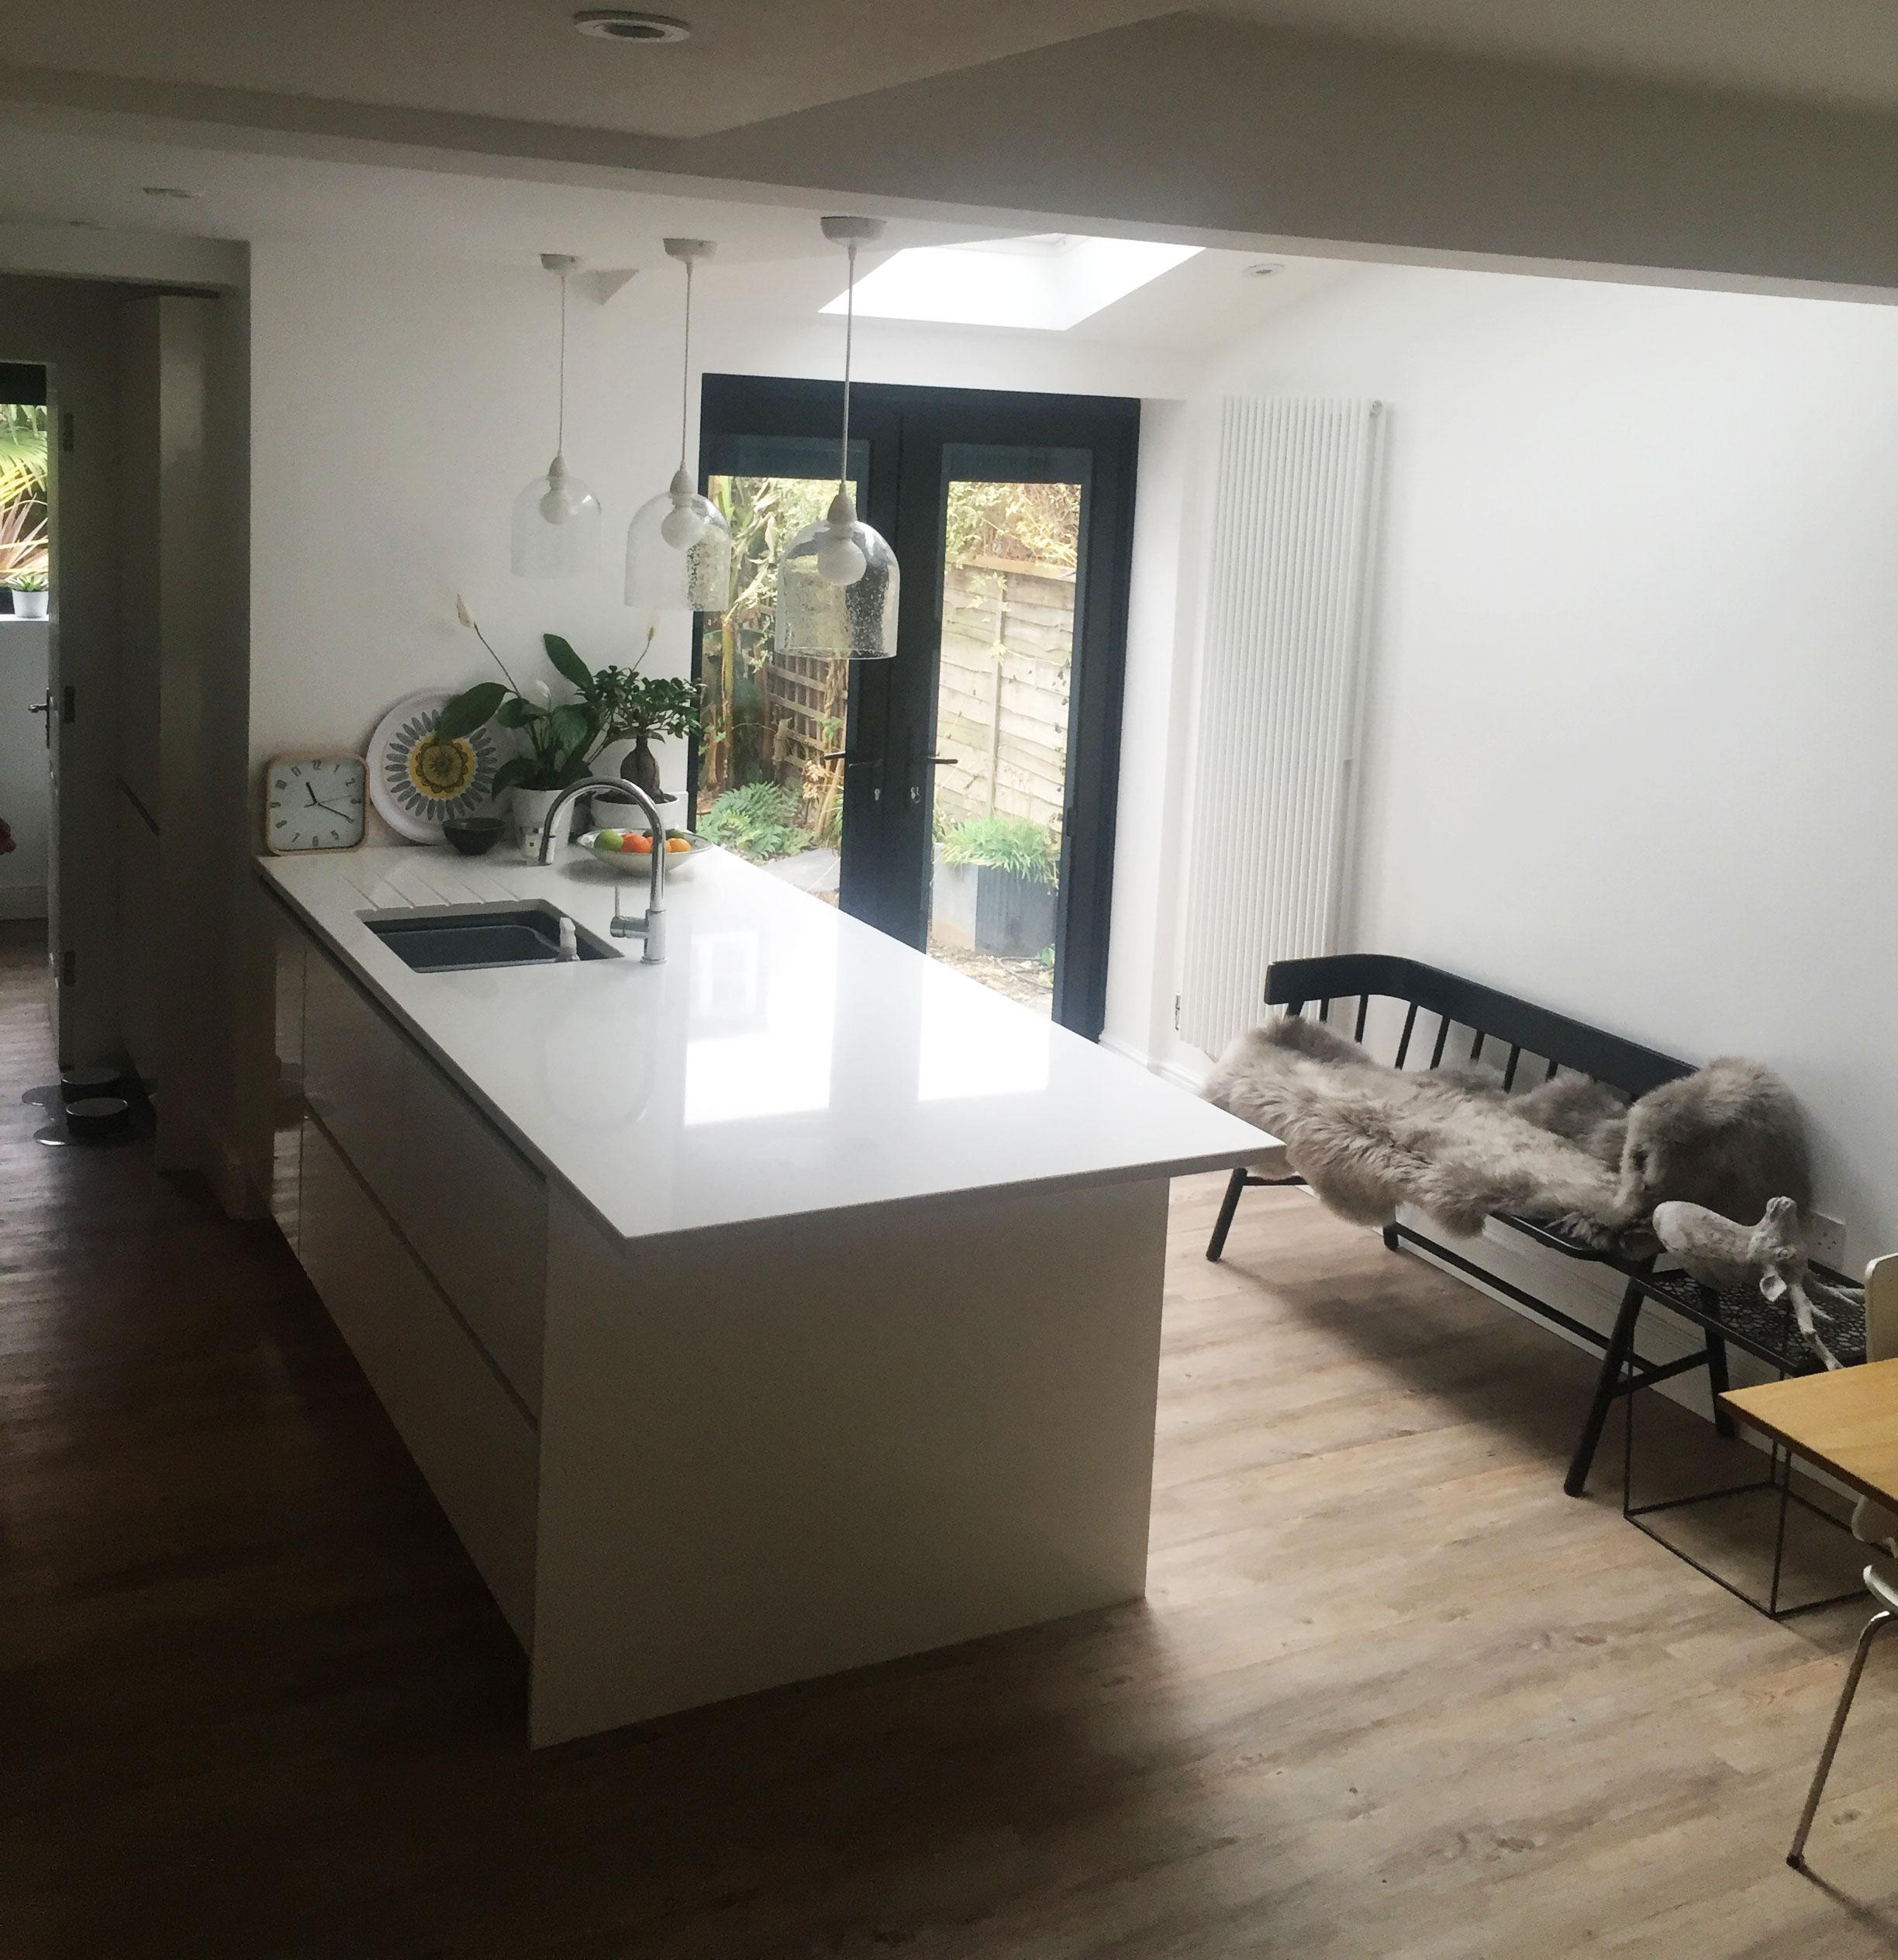 Hanwell W7 House Refurbishments Costs